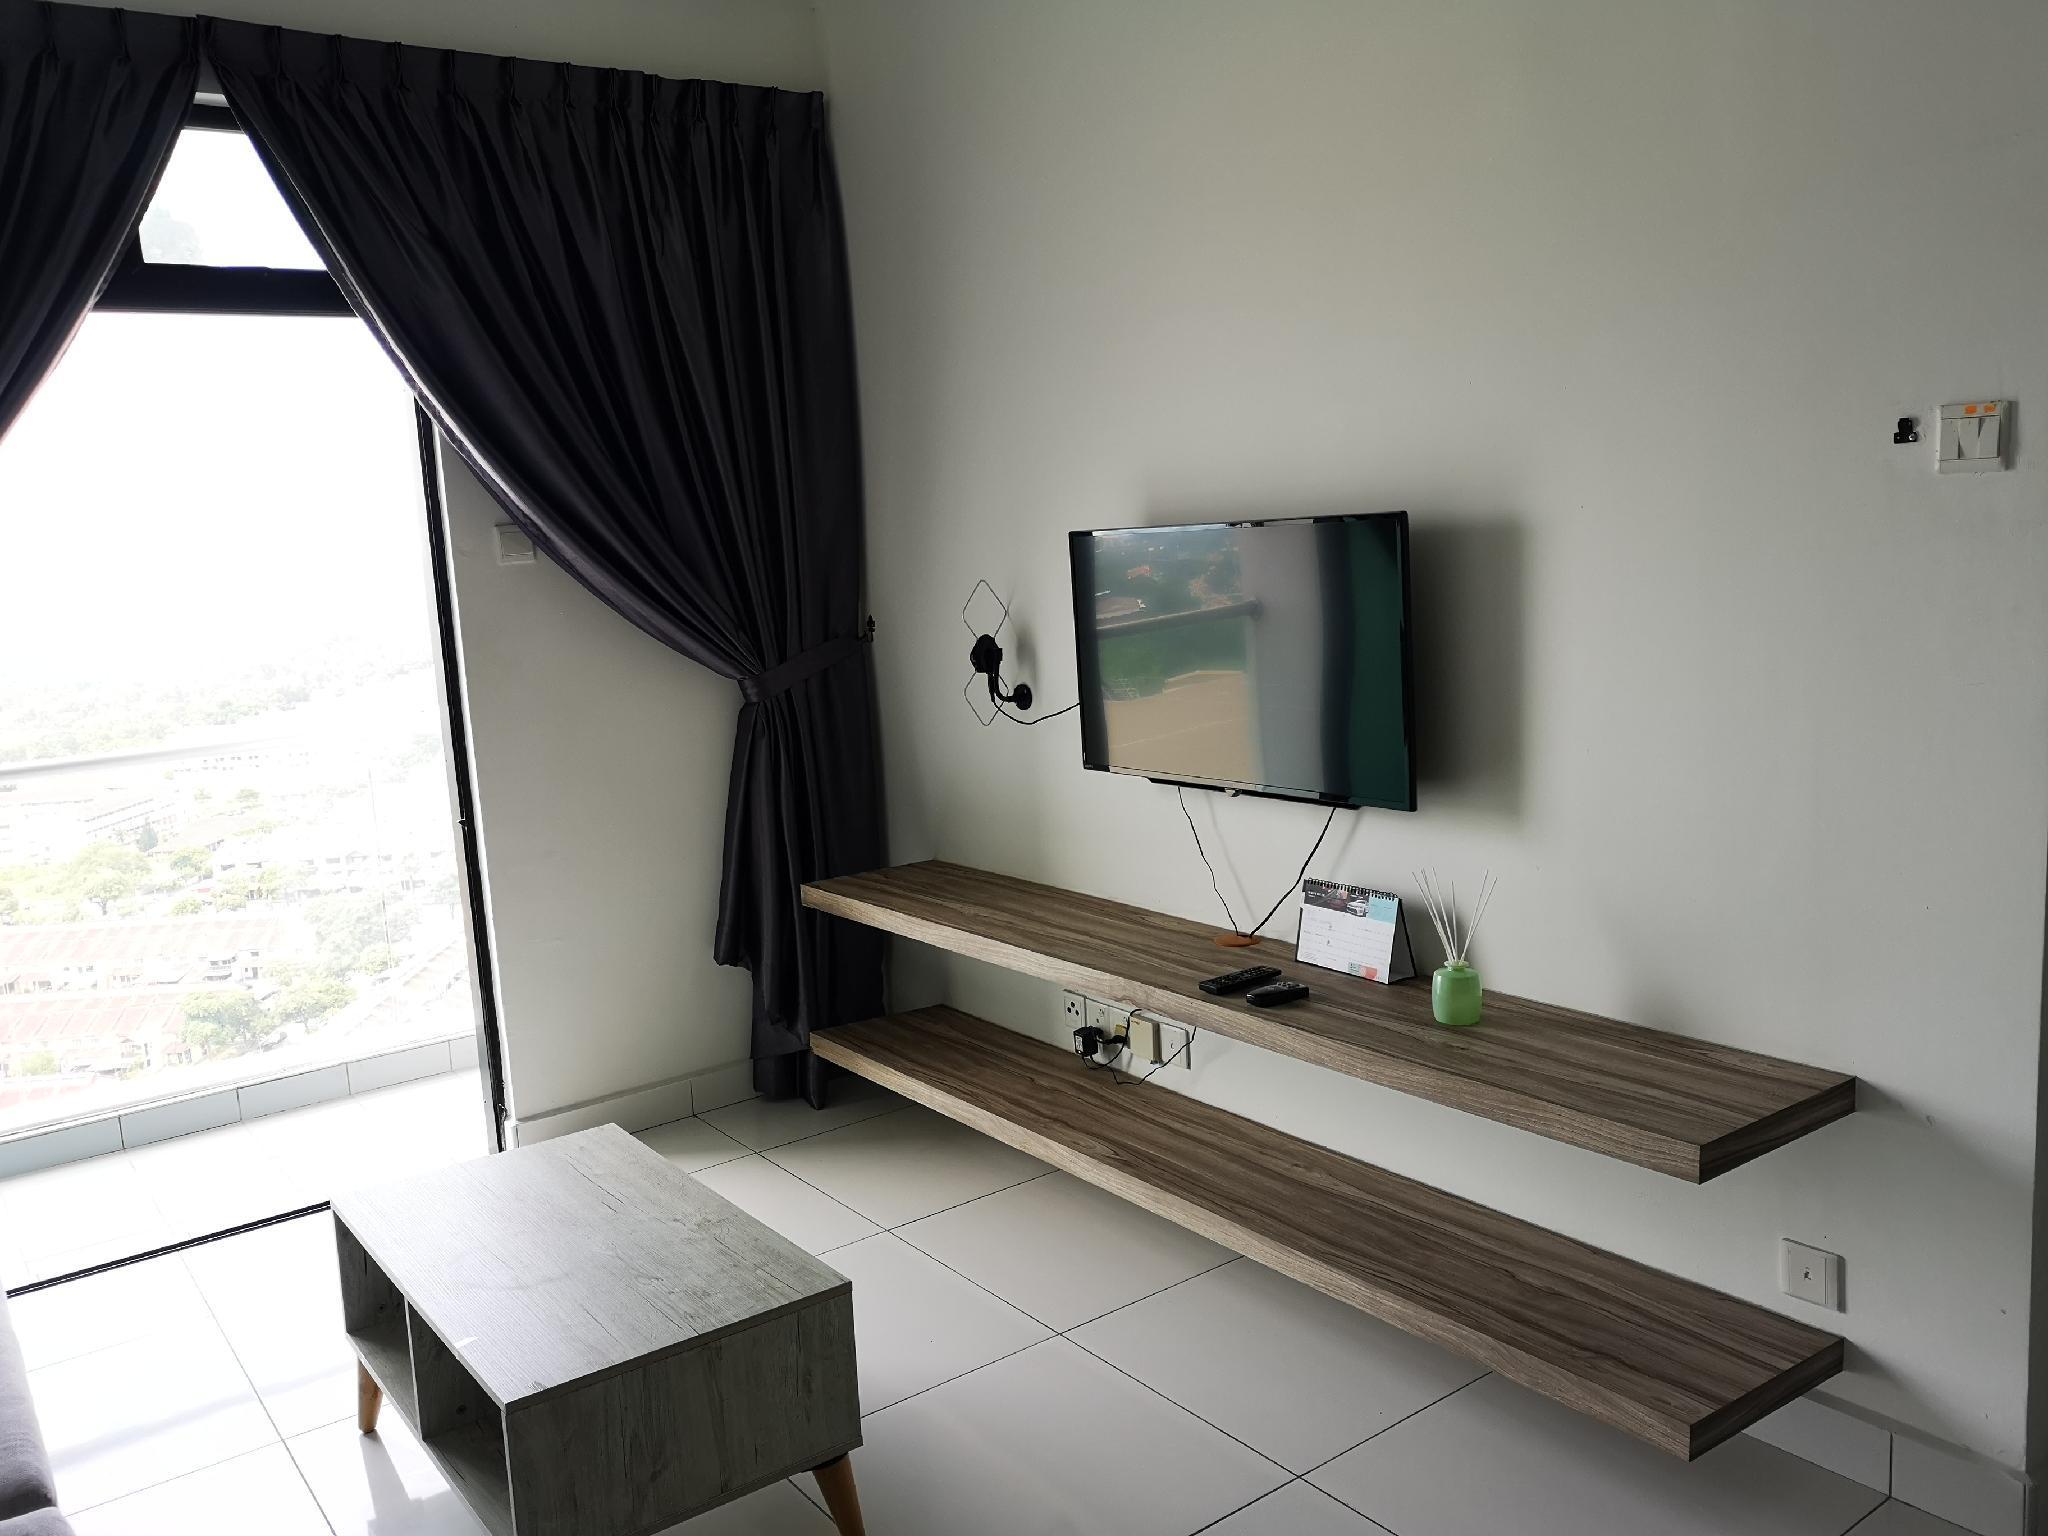 GREEN HOUSE 2R2B Paradigm sutera utm Free Wifi